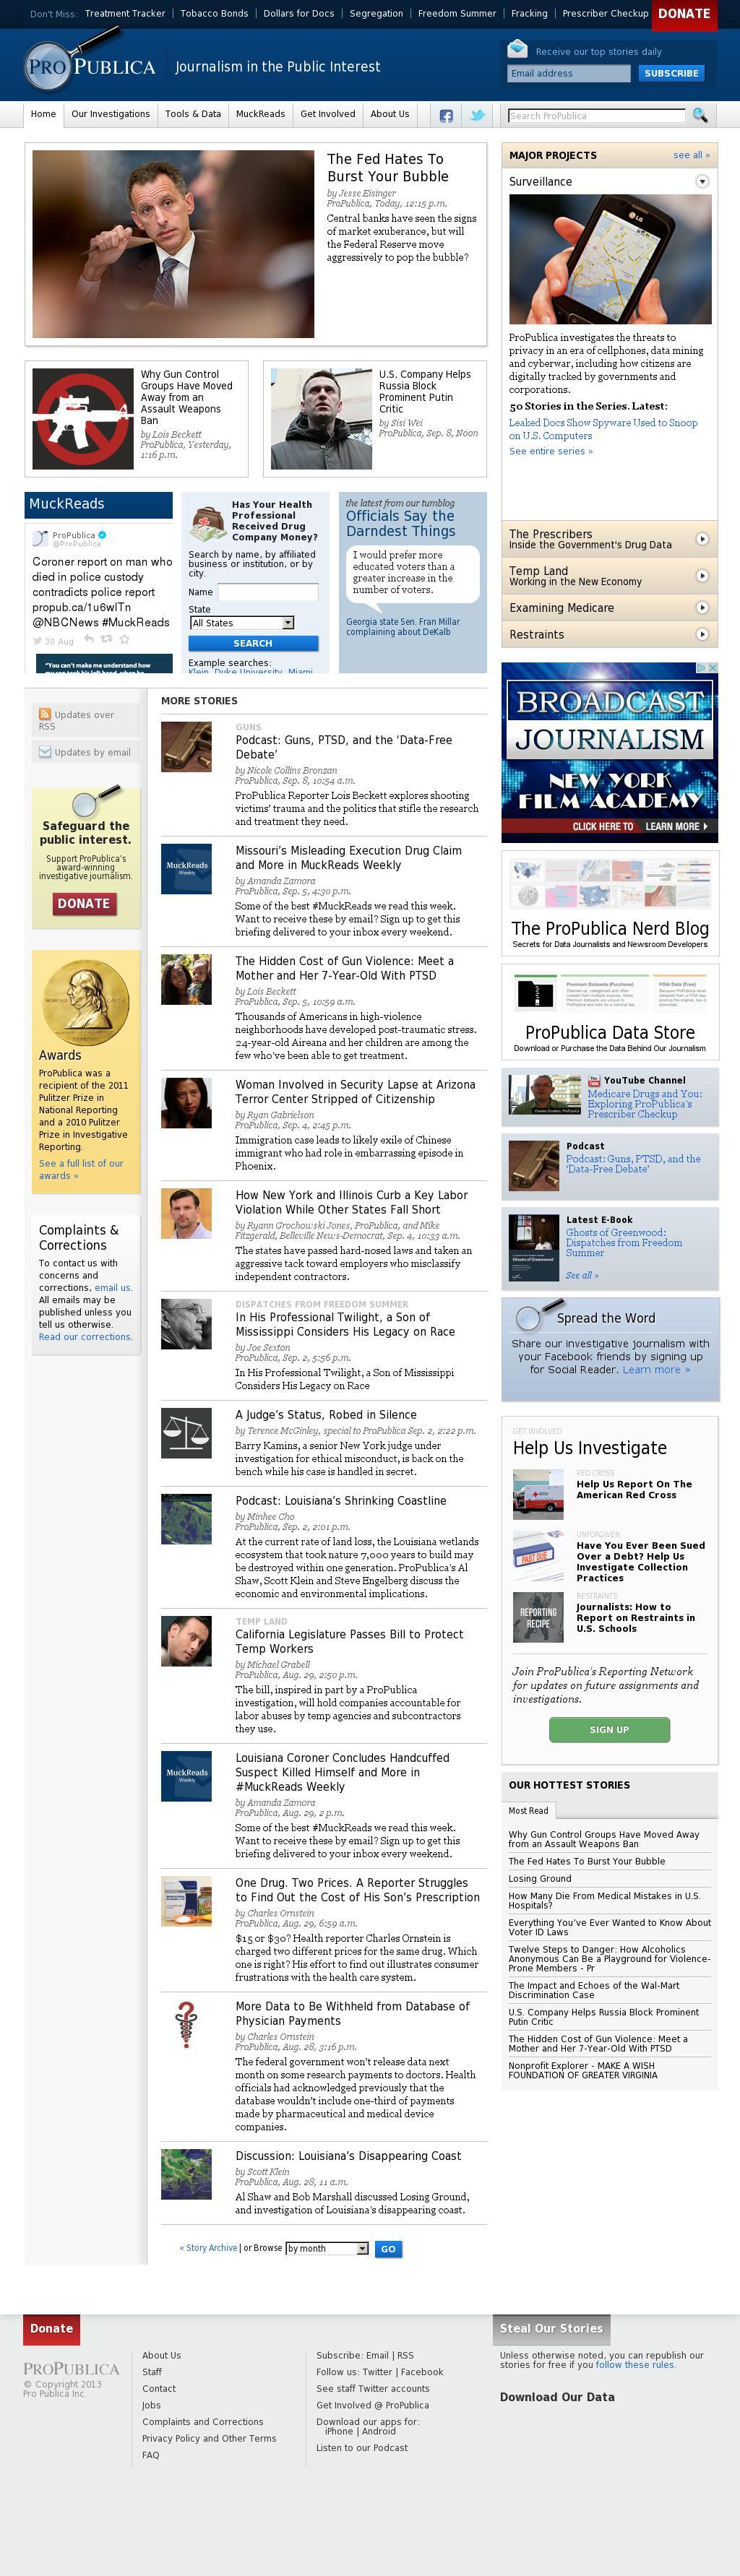 ProPublica at Wednesday Sept. 10, 2014, 11:21 p.m. UTC